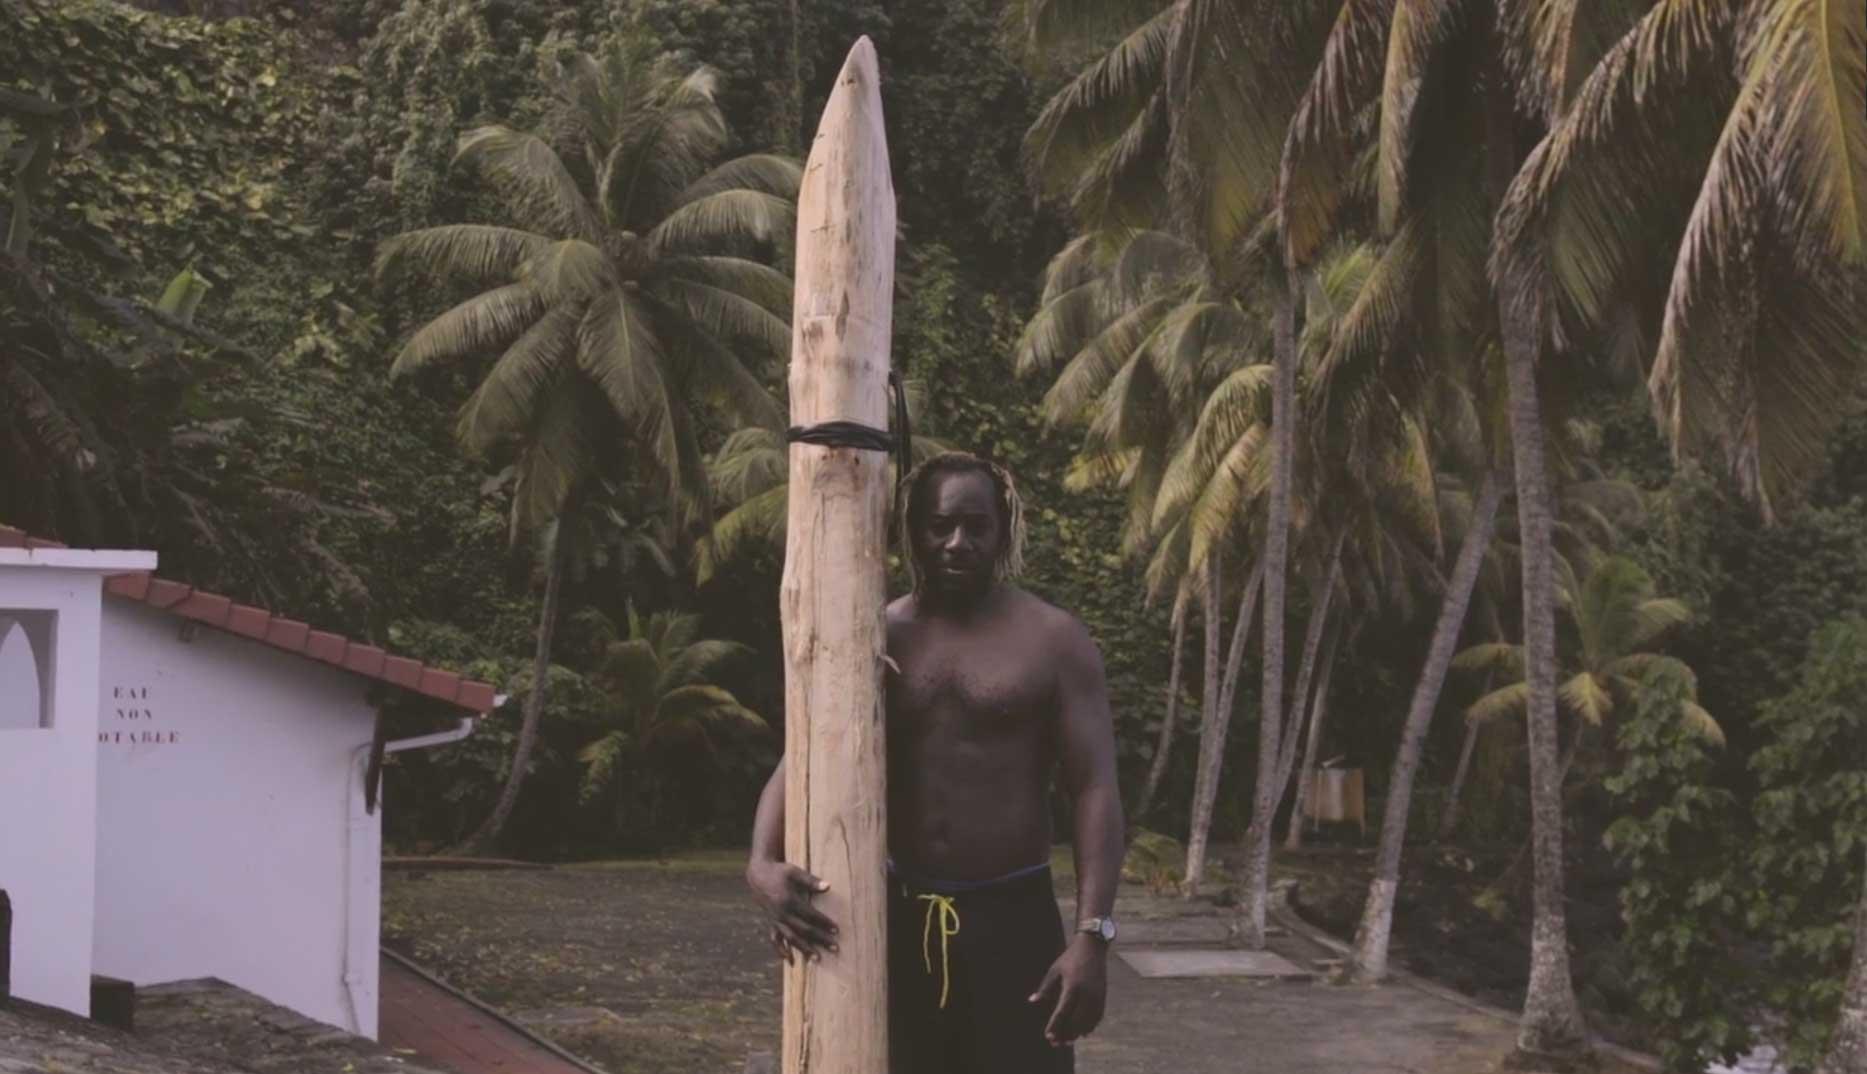 Ja, das ist ein Surfboard oder zumindest eine Art von Surfboard. Im Video ist der Beweis so ab Minute 2.19 zu sehen.